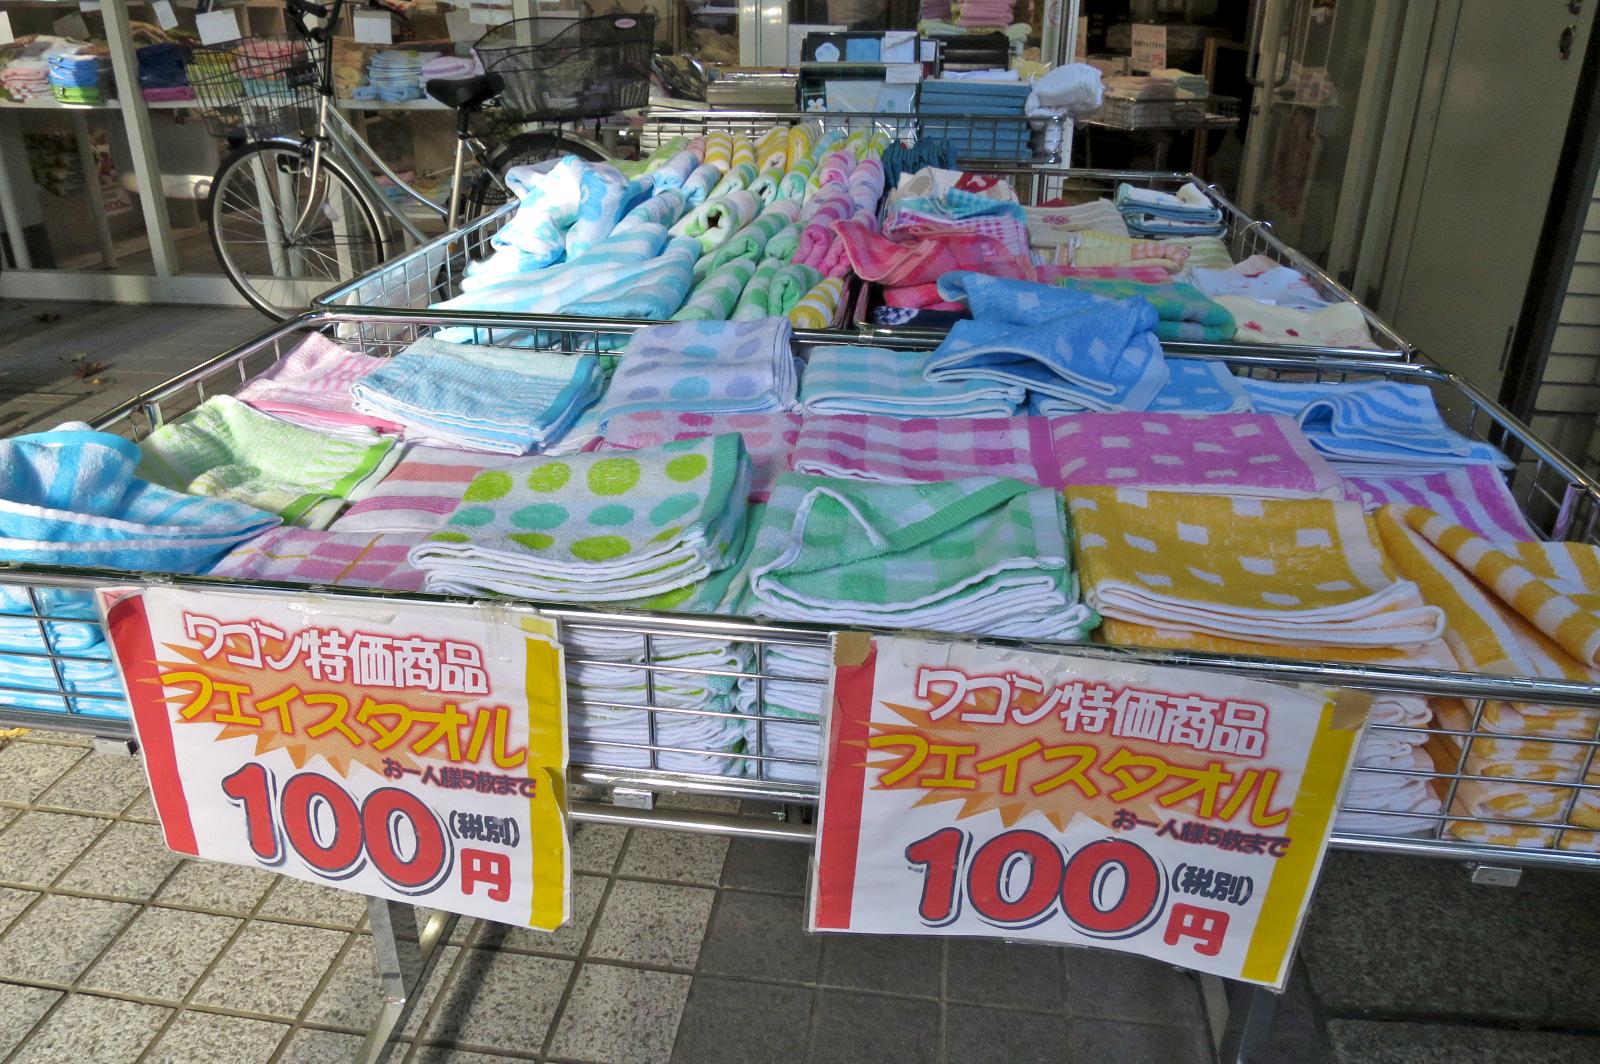 これからの季節に必需品のフェイスタオルが1枚100円!!!安いです。。。